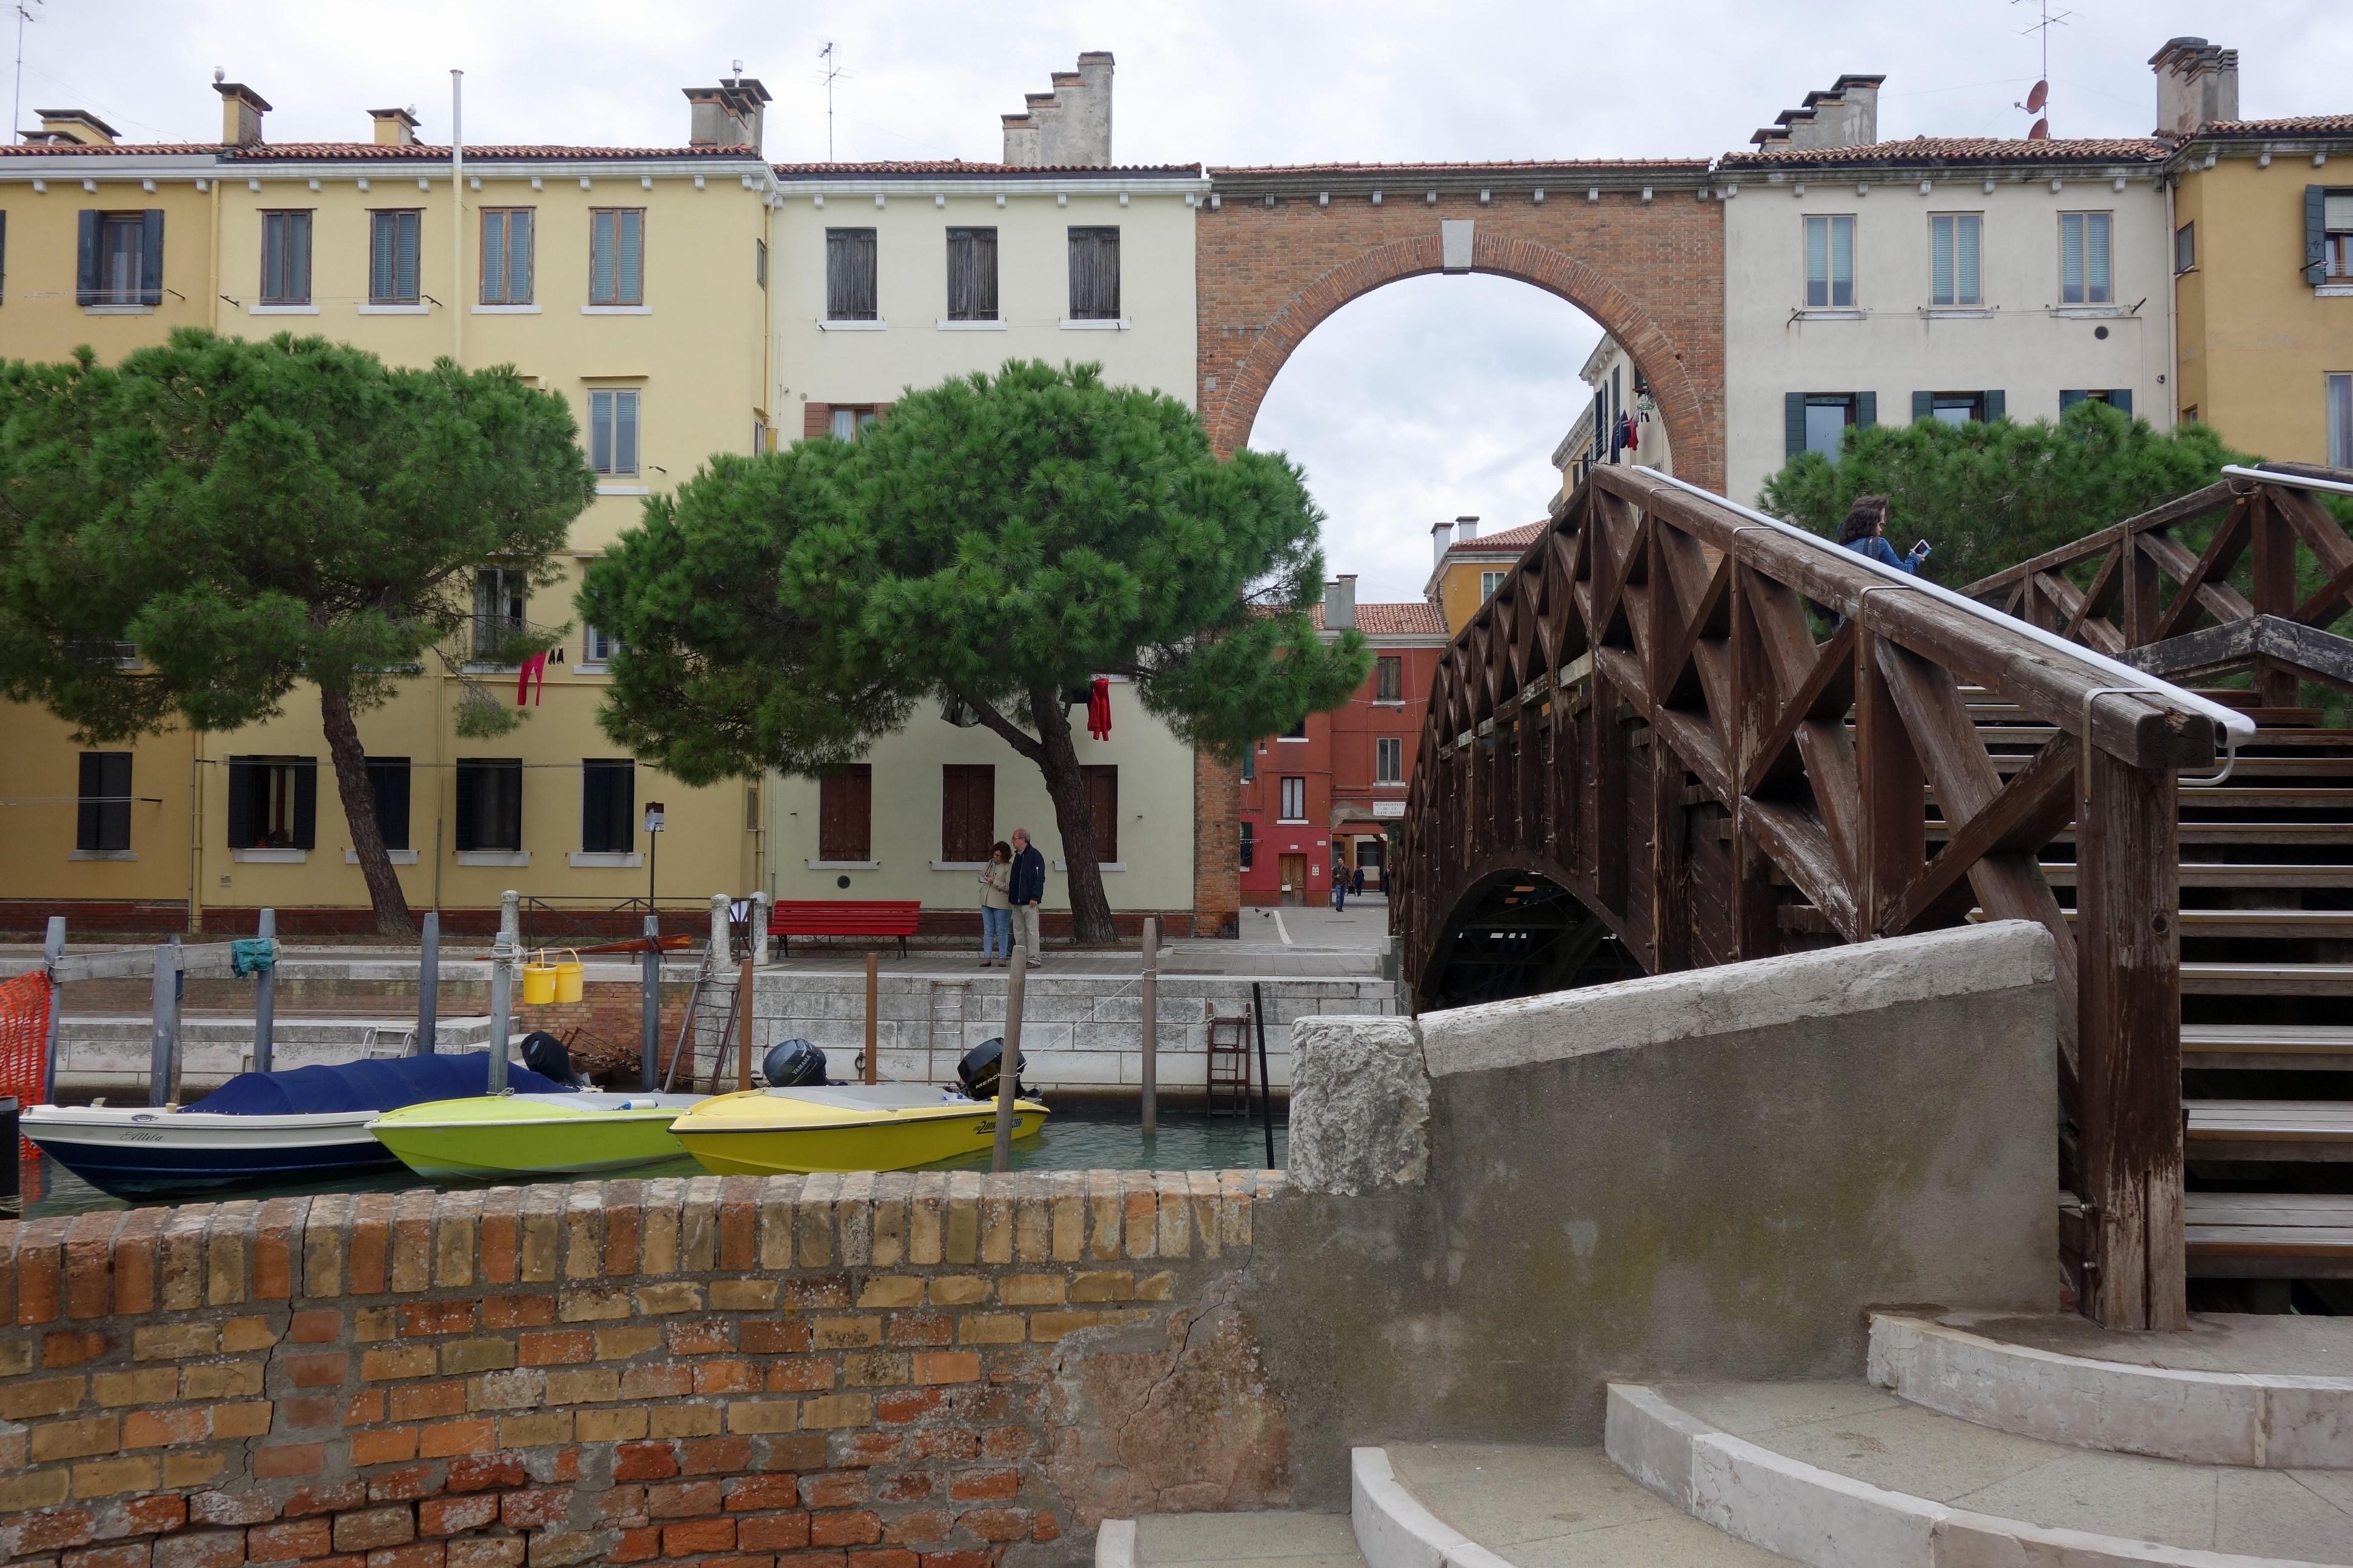 #HistoiresExpatriées #1 Cannaregio, mon quartier